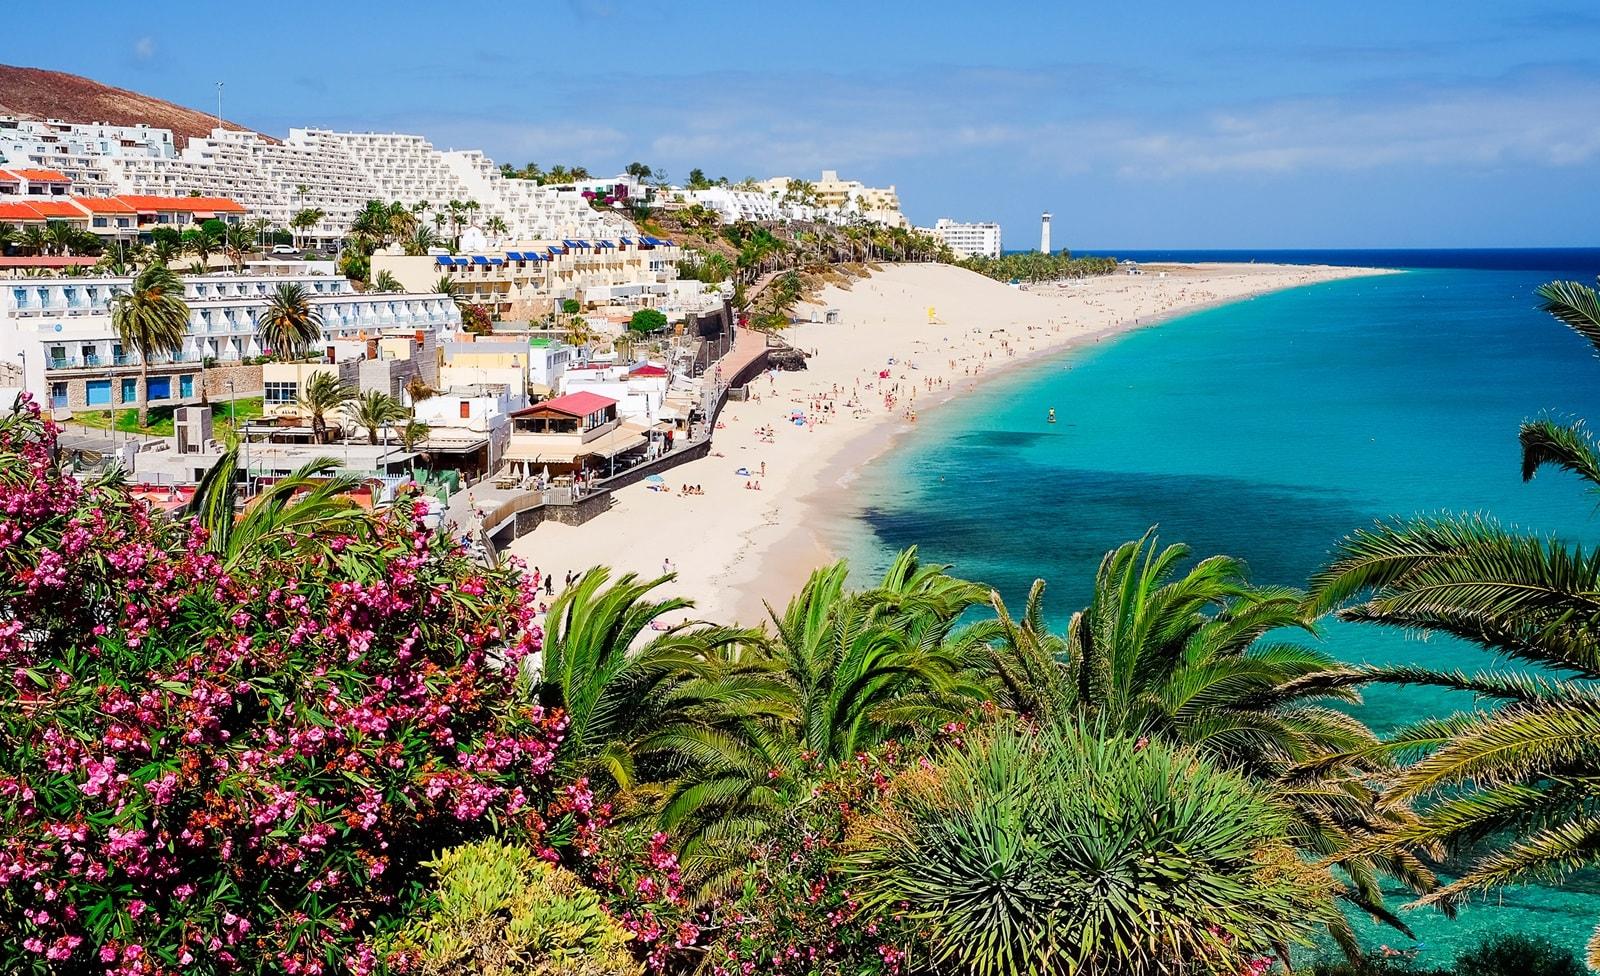 Playa Jandía